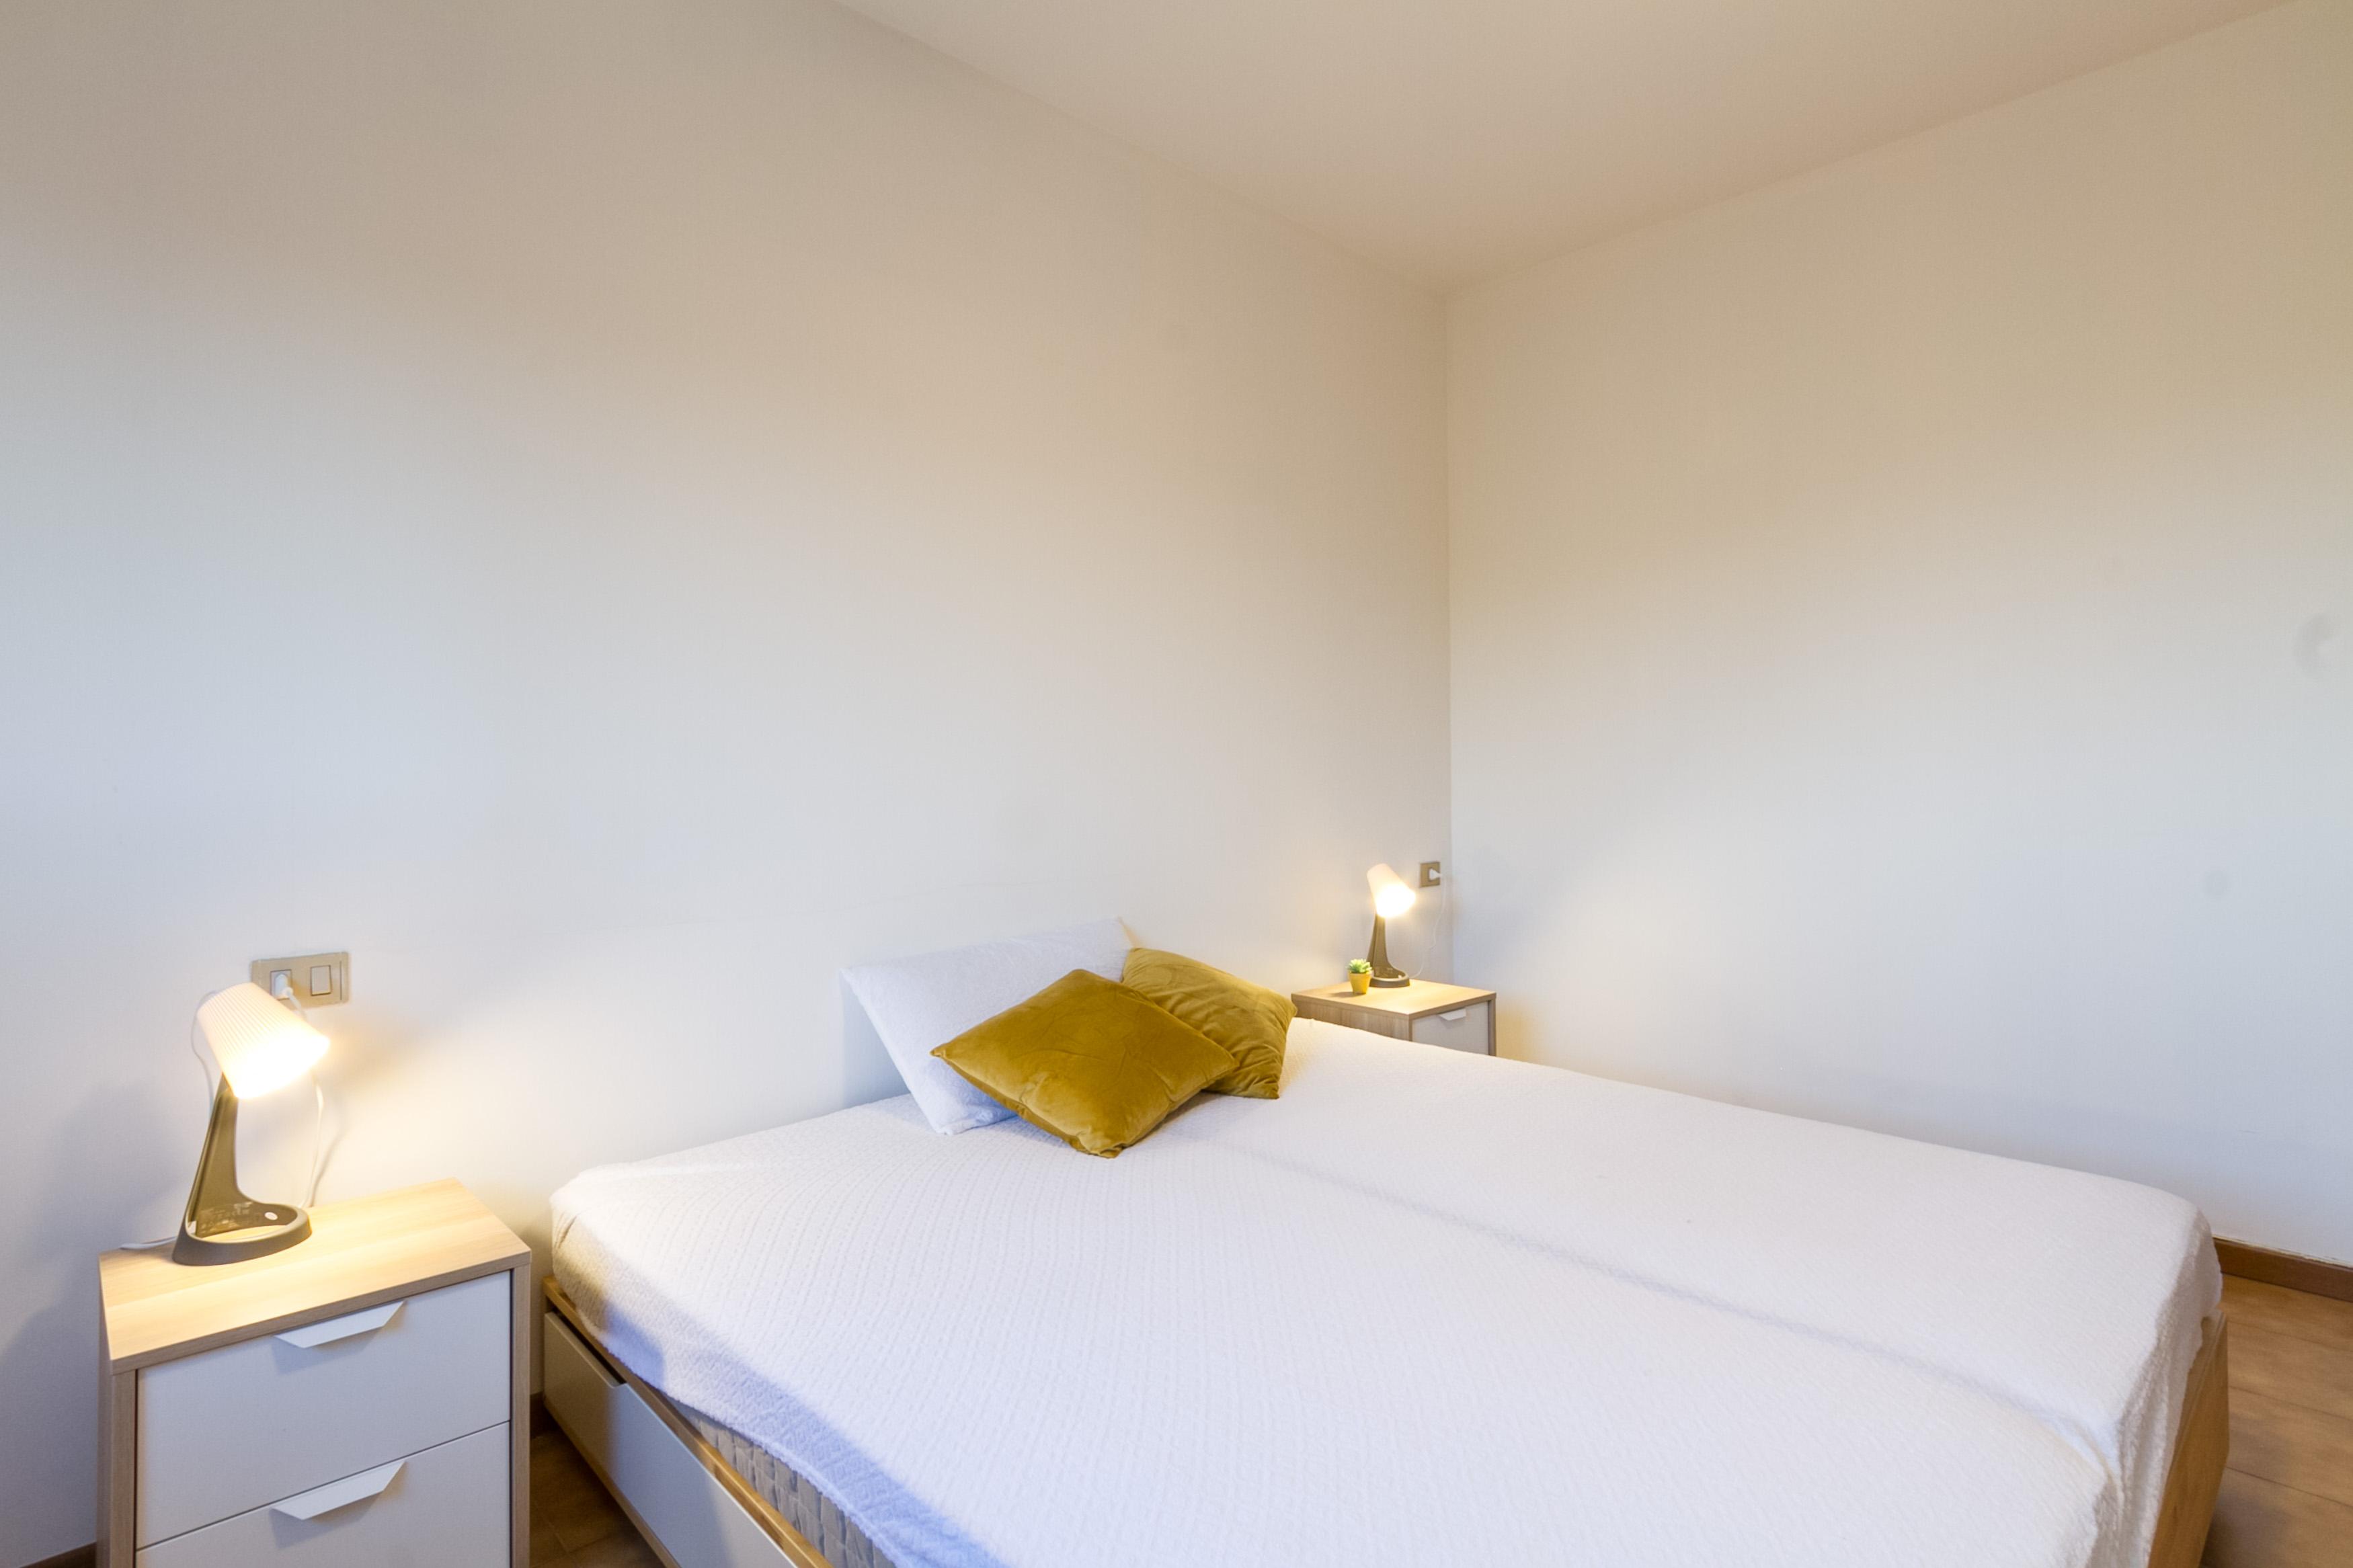 Room 3 - Missaglia